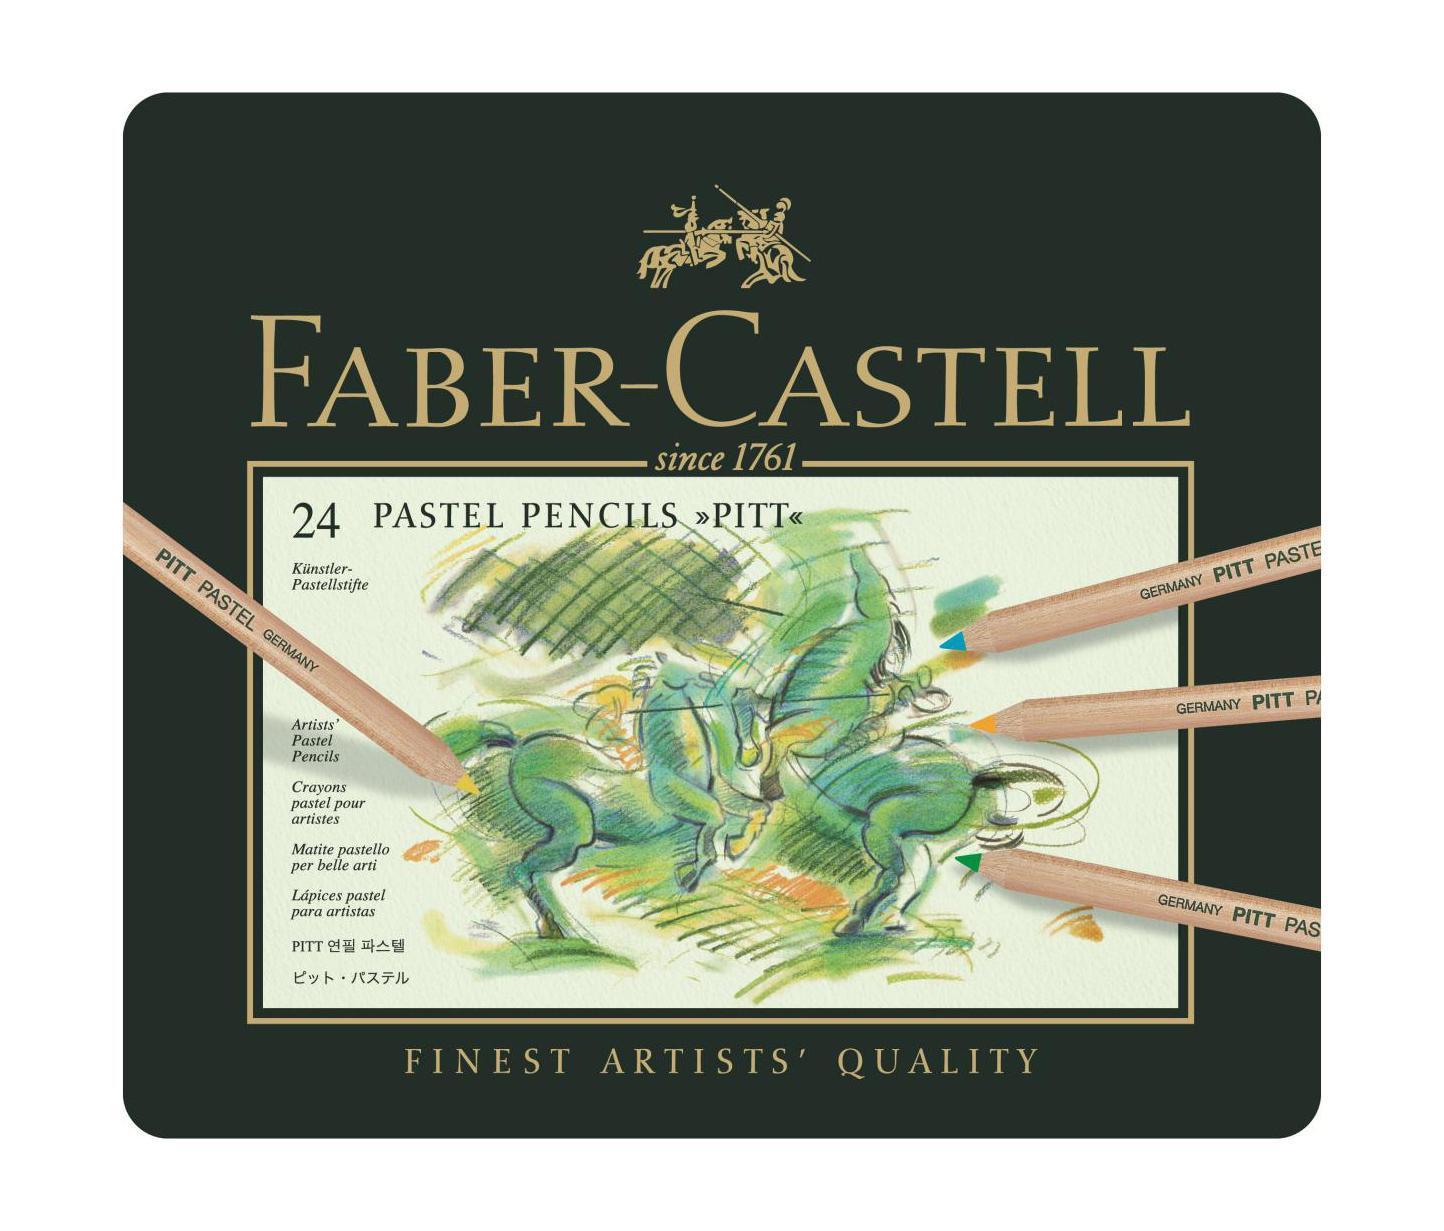 Пастельные карандаши PITT®, набор цветов, в металлической коробке, 24 шт.112124Faber Castell PITT 112124 - это пастельные карандаши высокого качества, устойчивые к выцветанию. Они не содержат воска, имеют исключительно толстые грифели 4.3 мм. Вид карандаша: цветной.Материал: дерево.